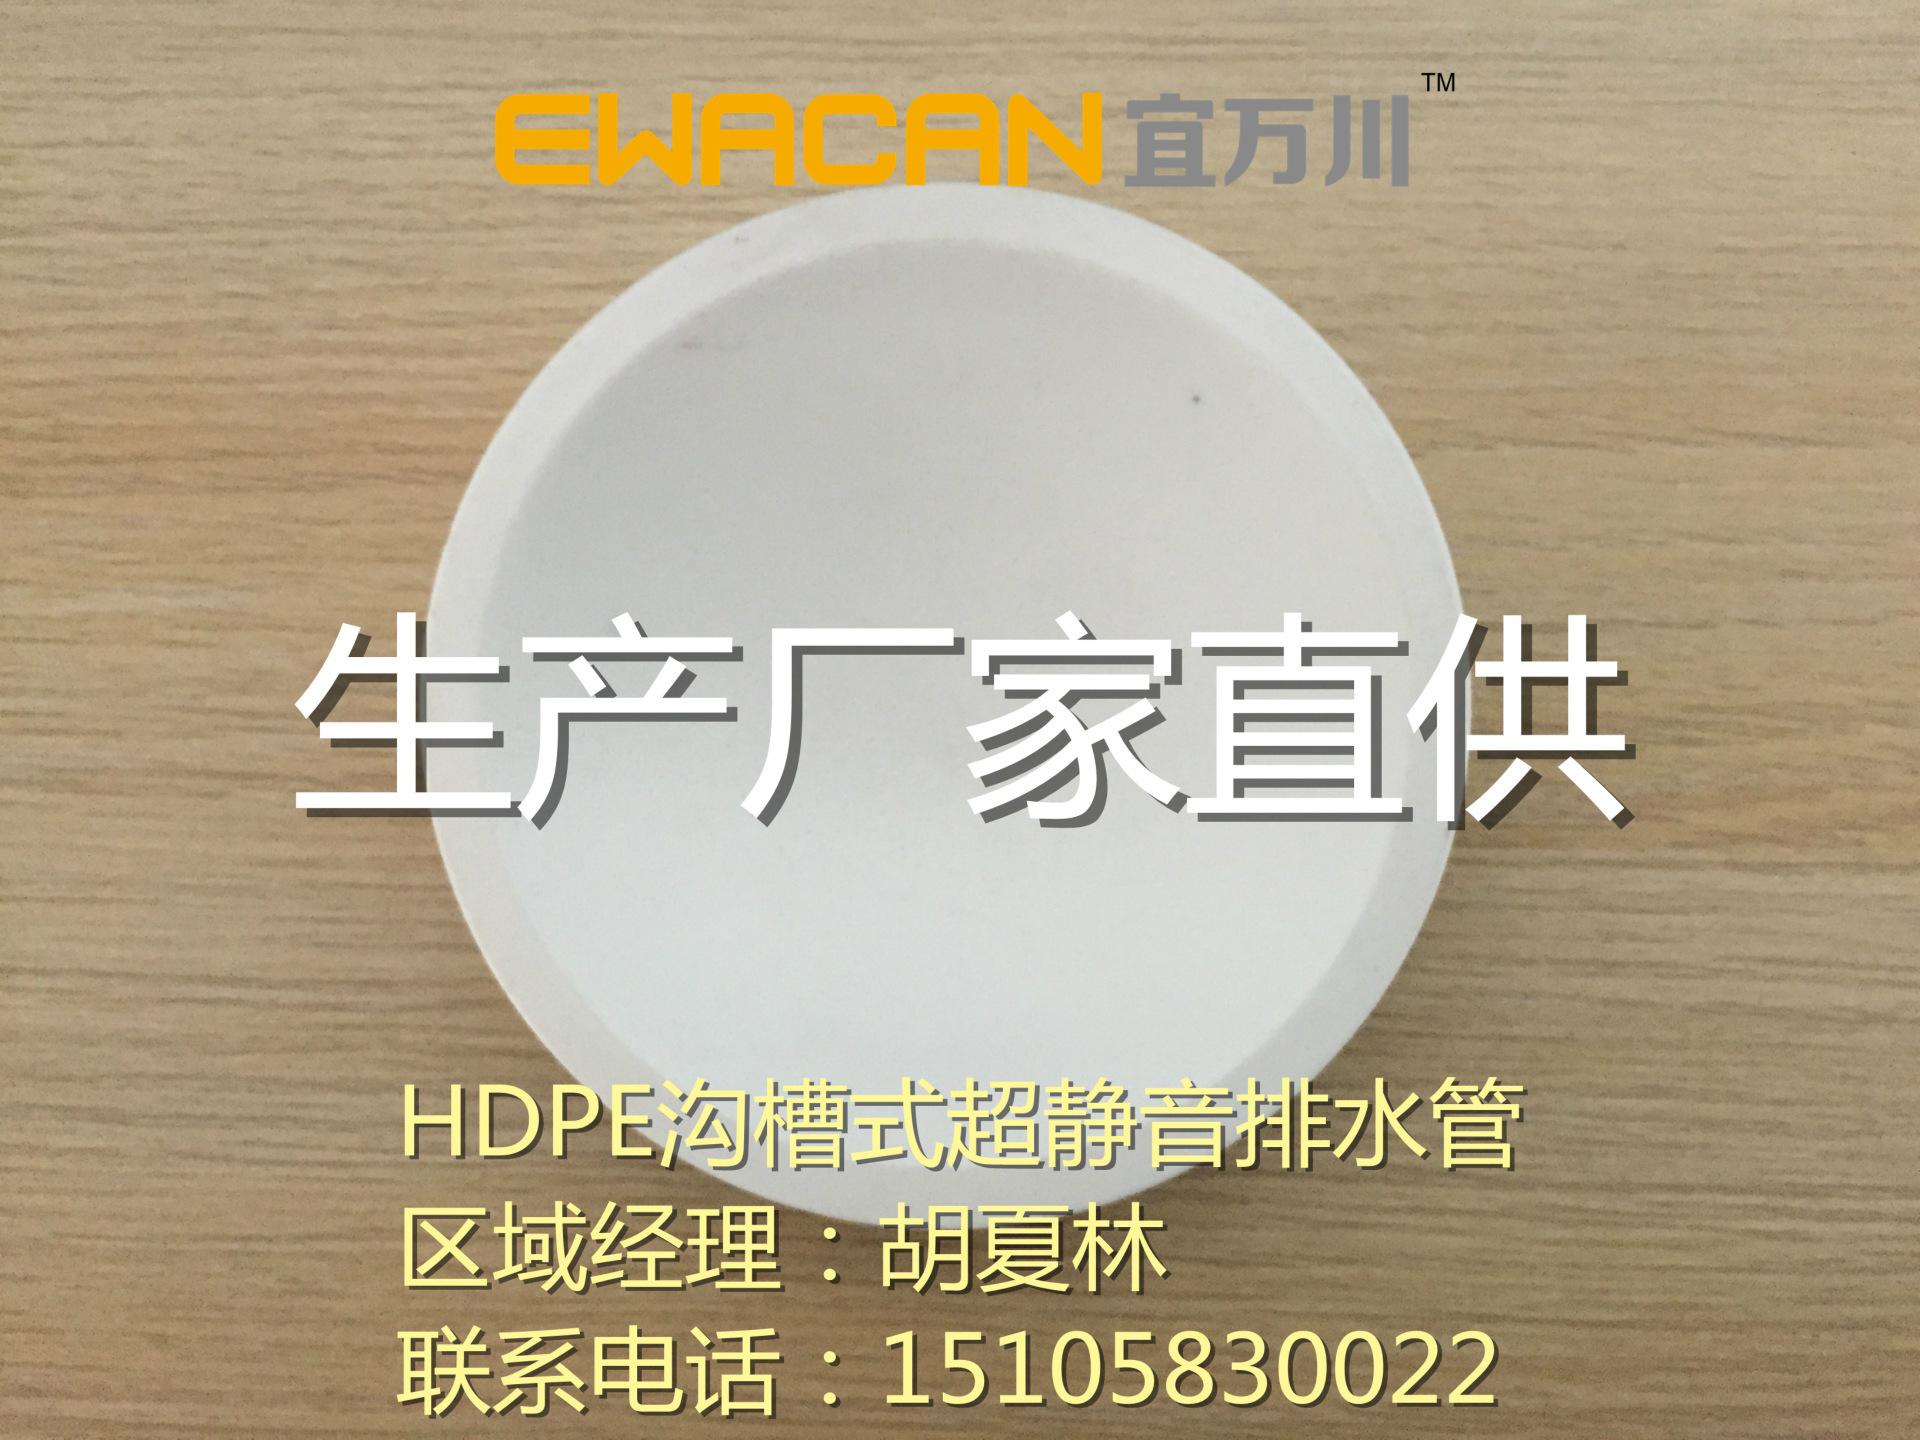 沟槽式HDPE超静音排水管,沟槽pe管,沟槽中空排水管,PE管示例图2